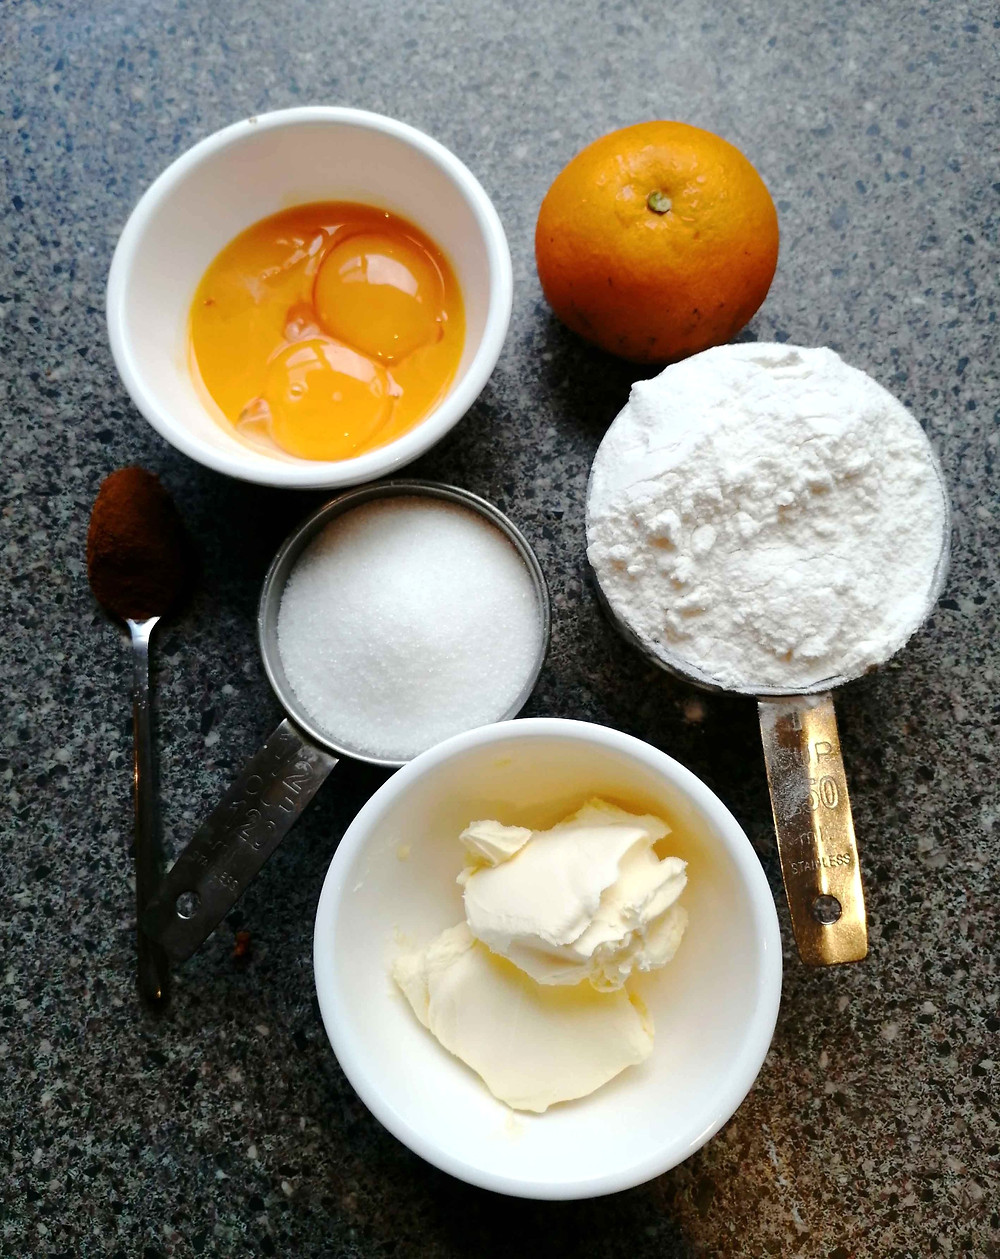 Orange and Cinnamon Cookies ingredients